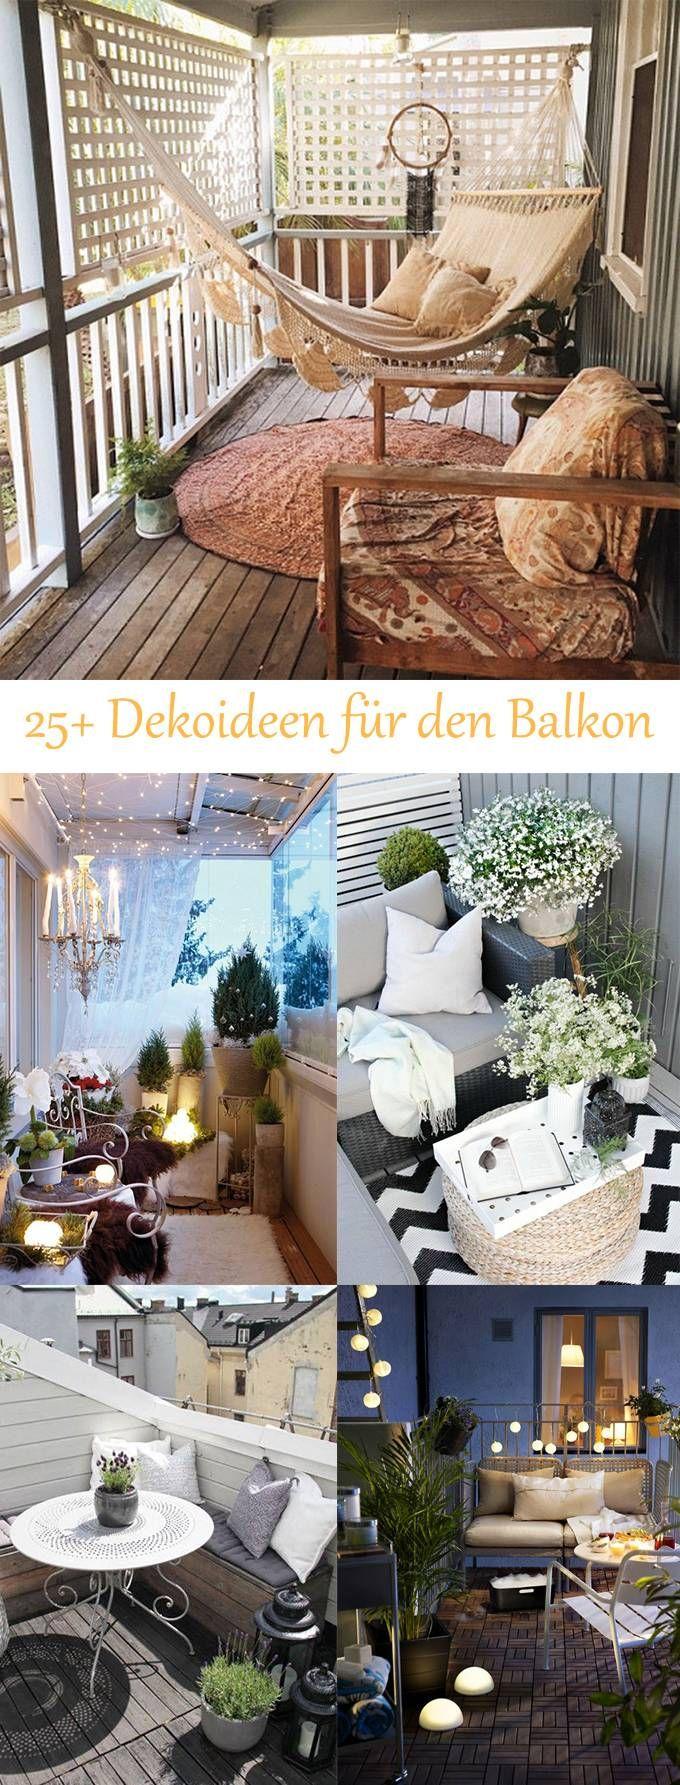 So lässt sich dein Balkon dekorieren Tolle DIY Dekoideen für dein Zuhause #houseinspiration